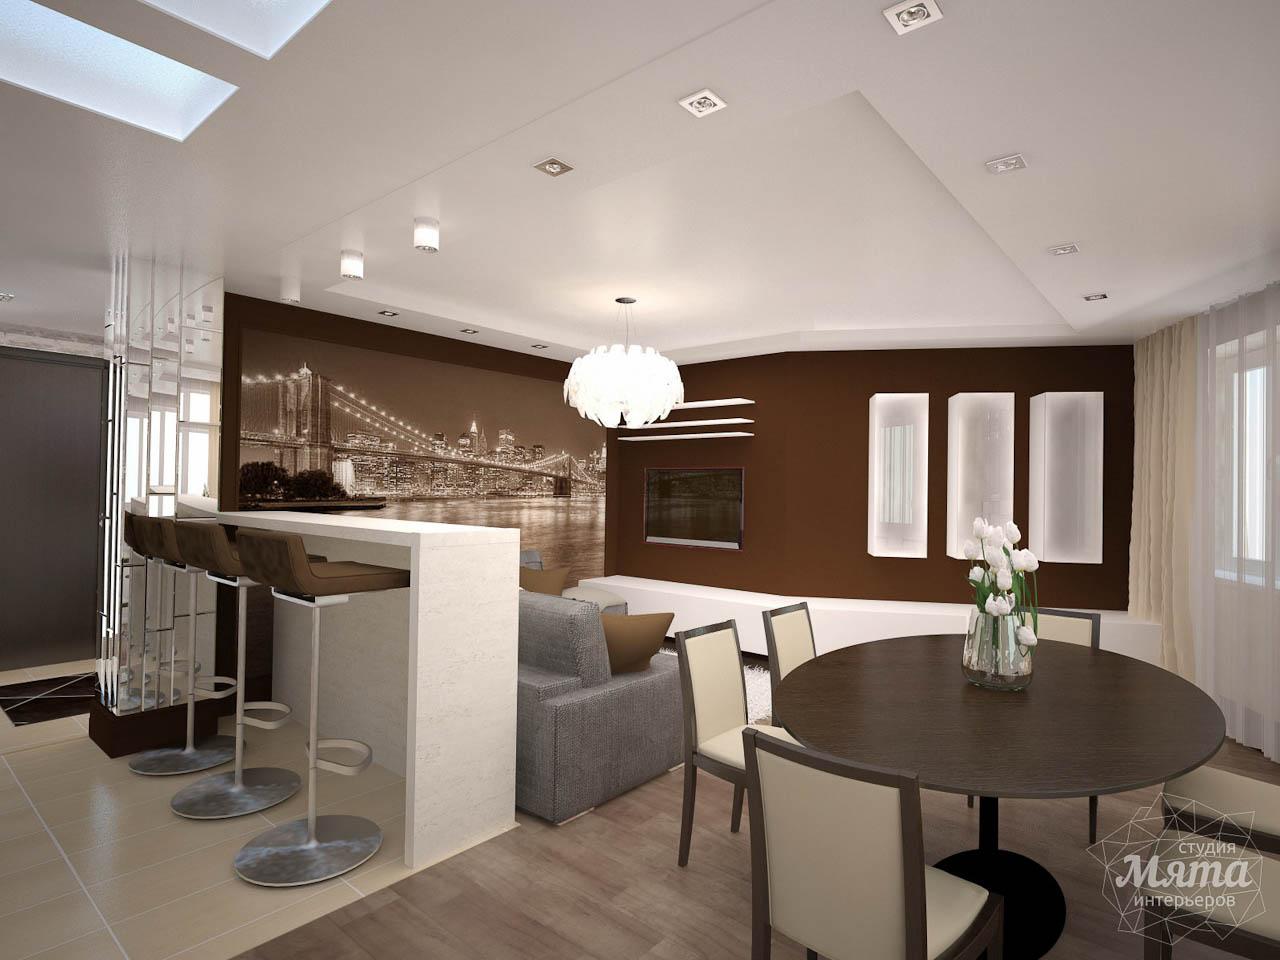 Дизайн интерьера трехкомнатной квартиры по ул. Белинского 222 img803081637